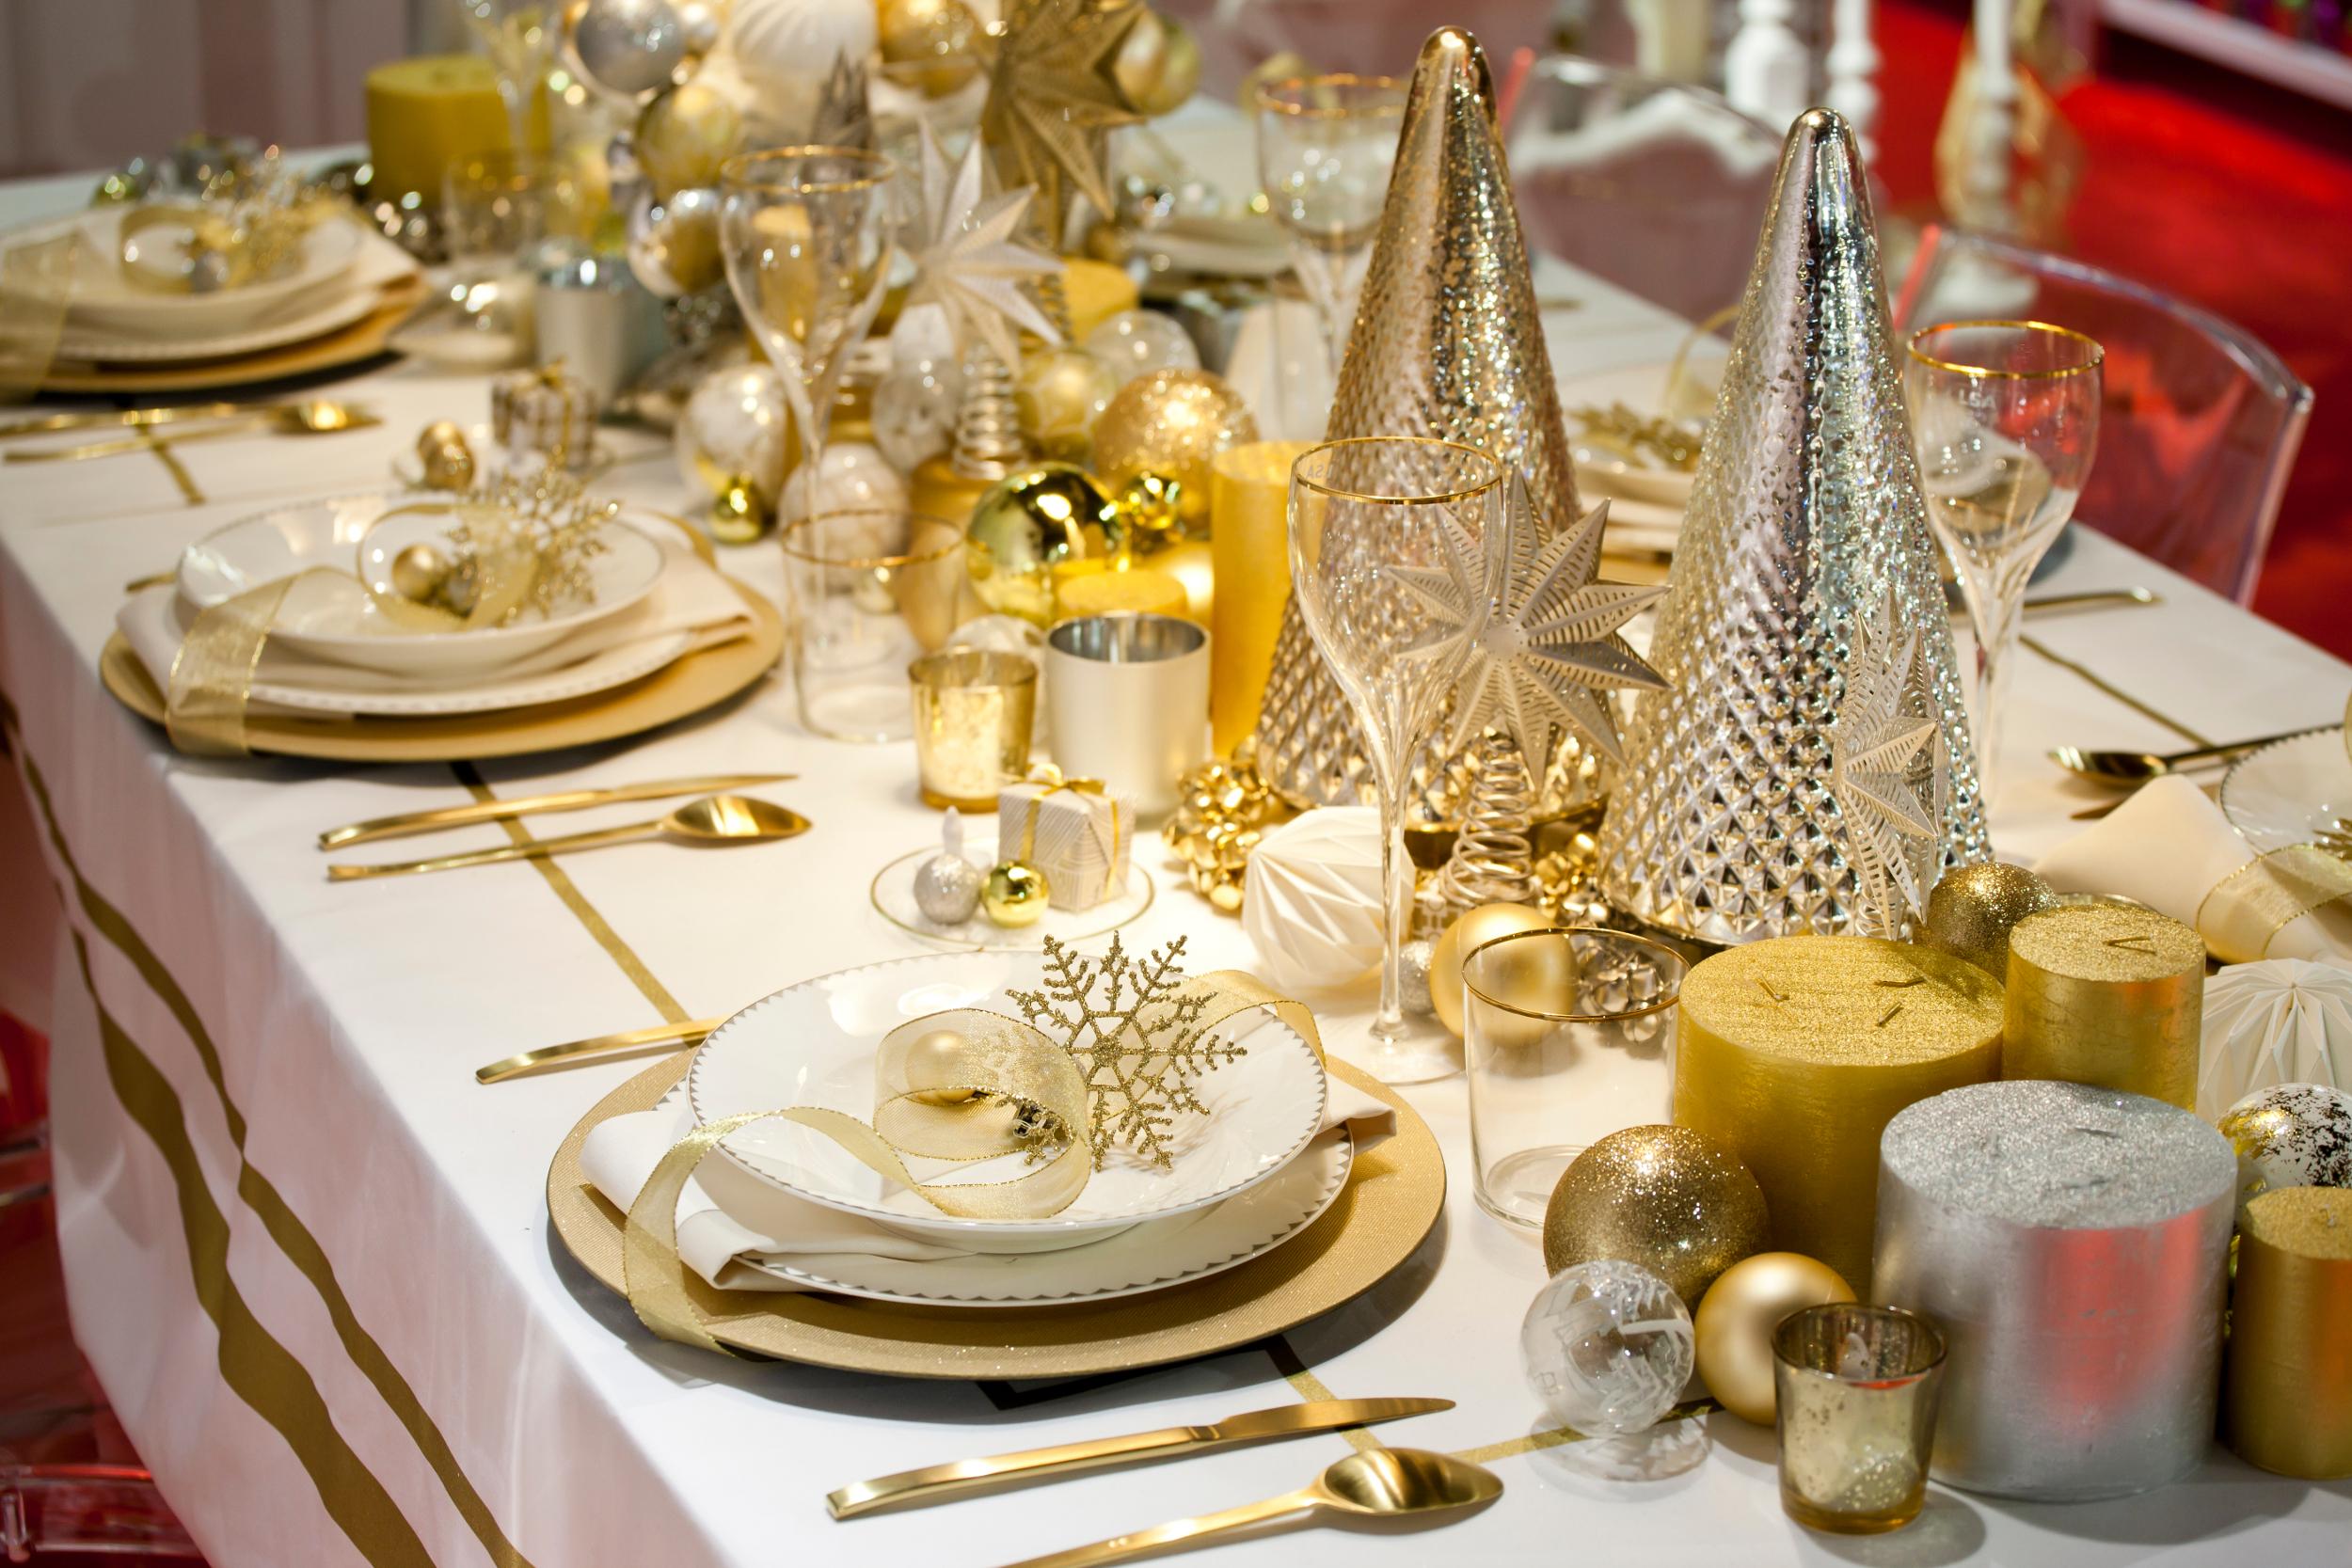 Сервировка и оформление стола на Новый год: стиль, цветовая гамма, декор